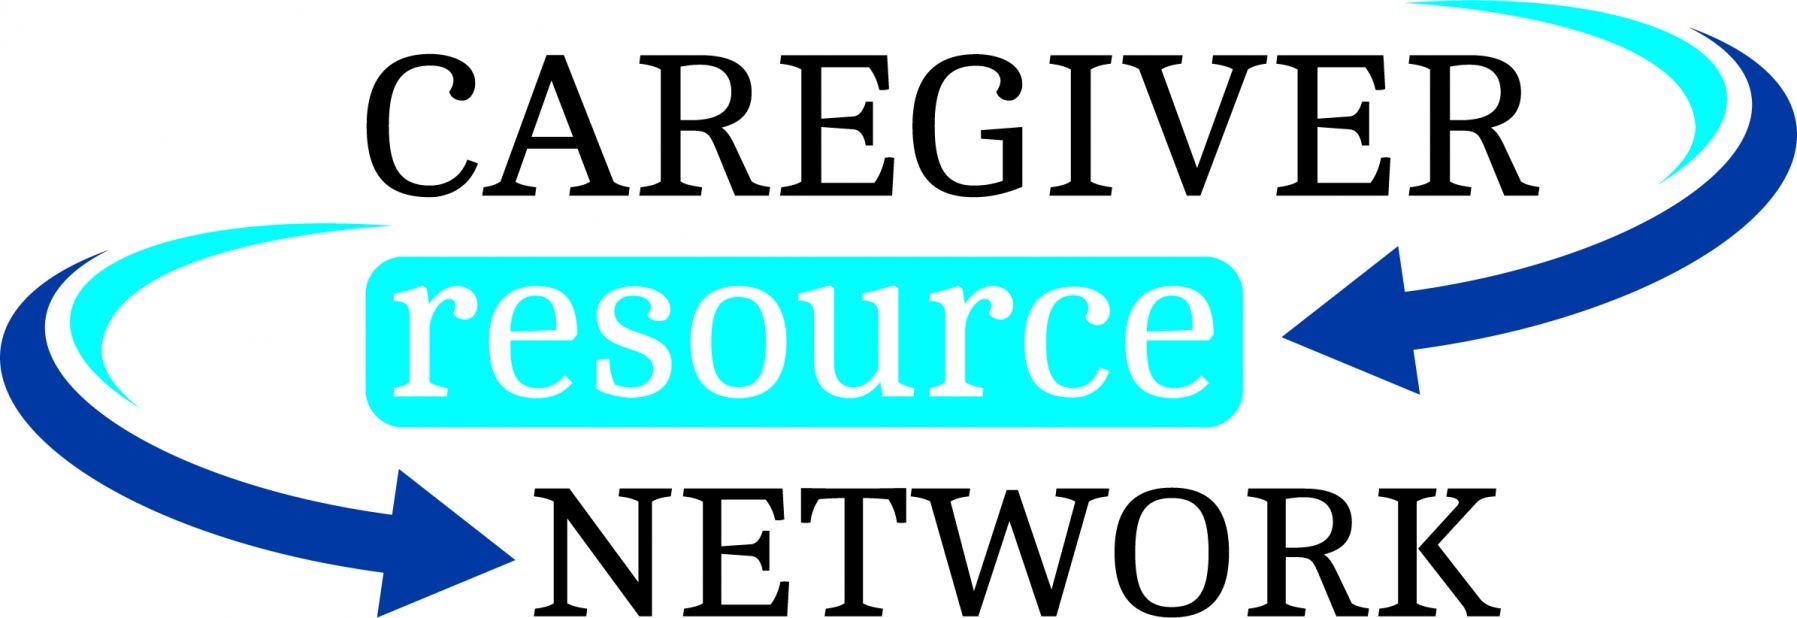 Caregiver Resource Network, Inc. Logo